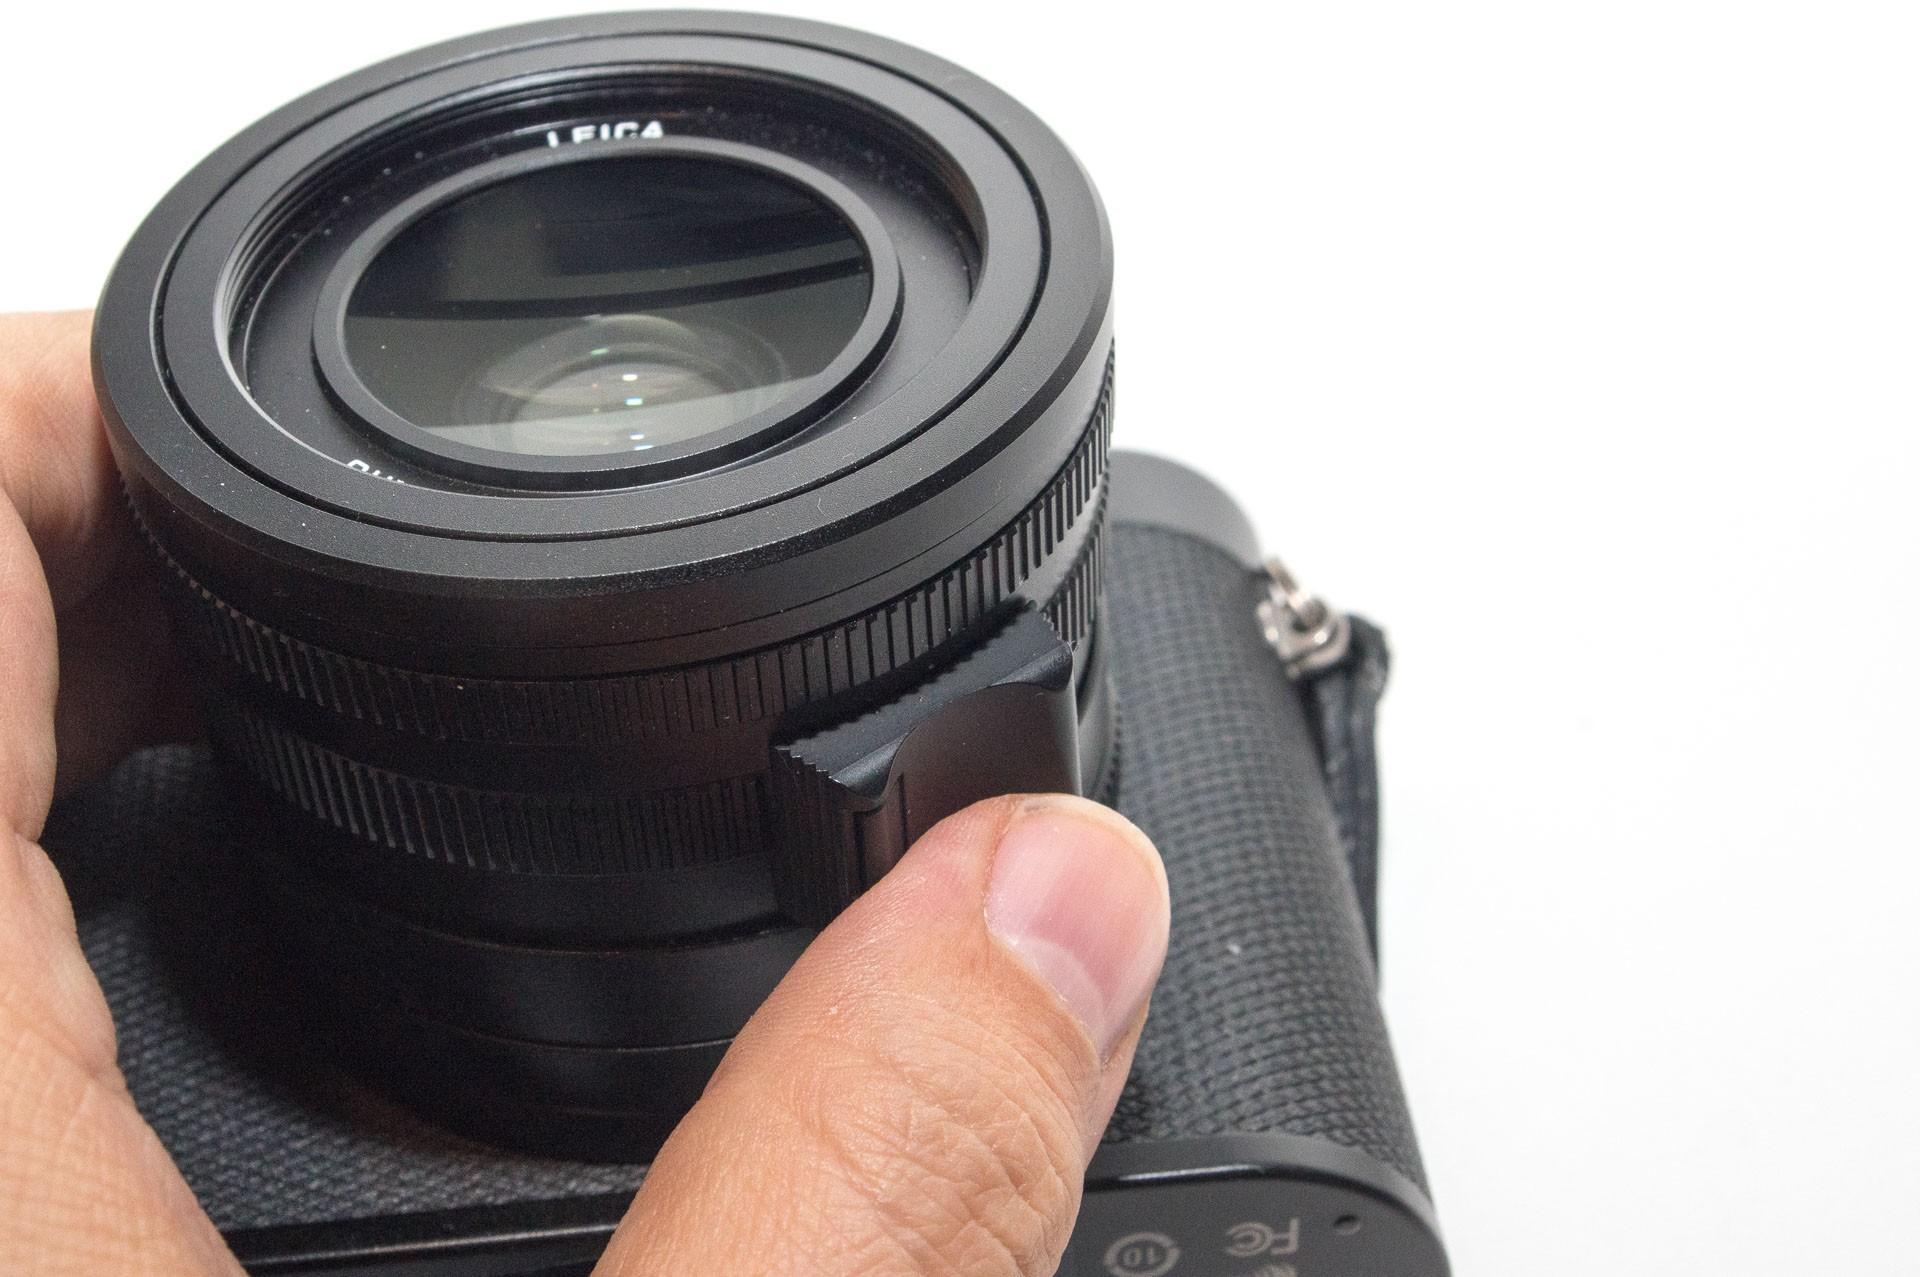 Leica Q im Test: Die kleine Schwarze für 4.000 Euro - Leica Q (Bild: Andreas Donath)